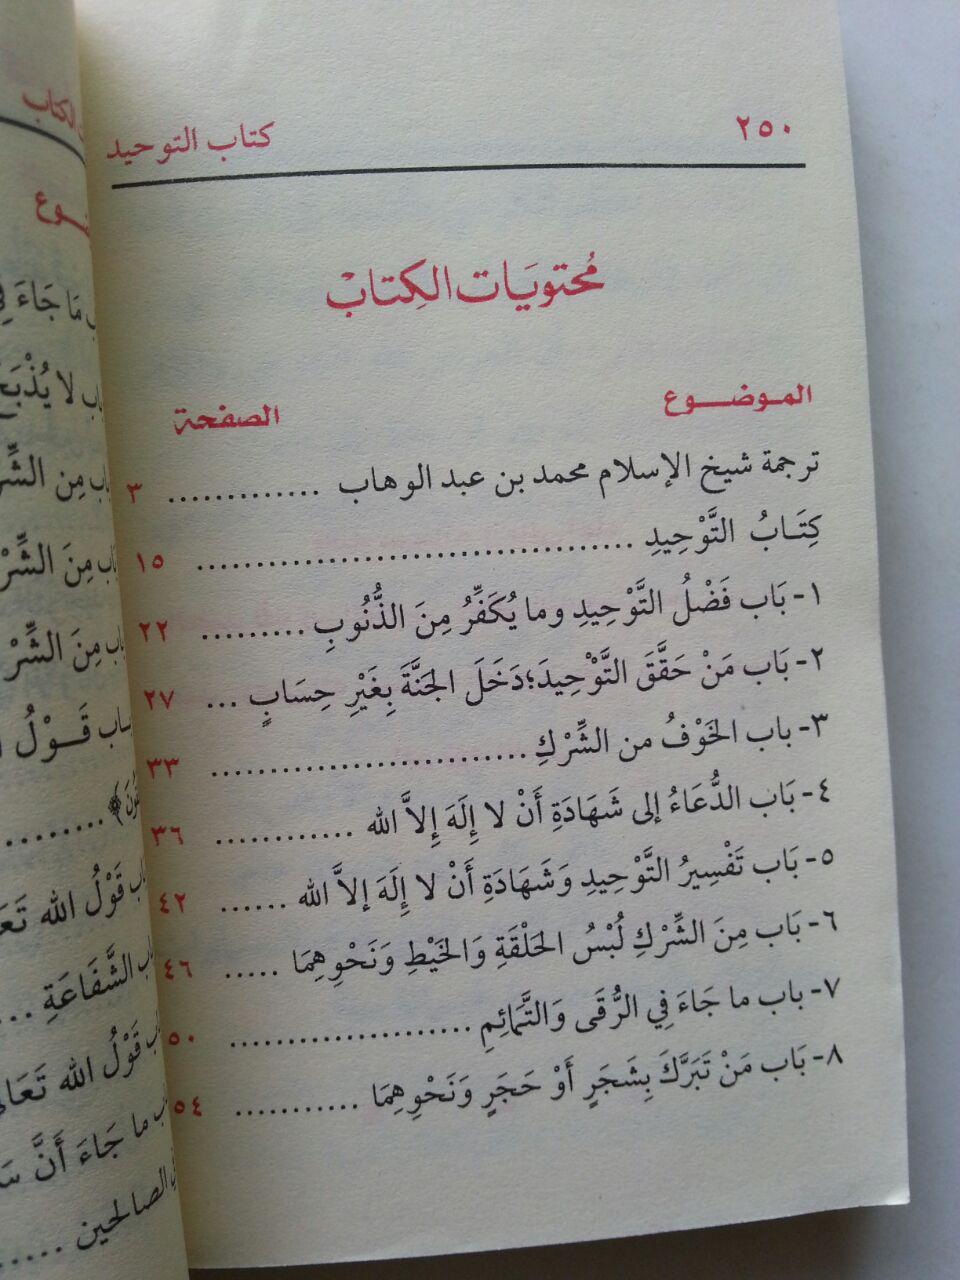 KT071 Kitab Matan Kitab At-Tauhid Muhammad bin Abdul Wahhab isi 2